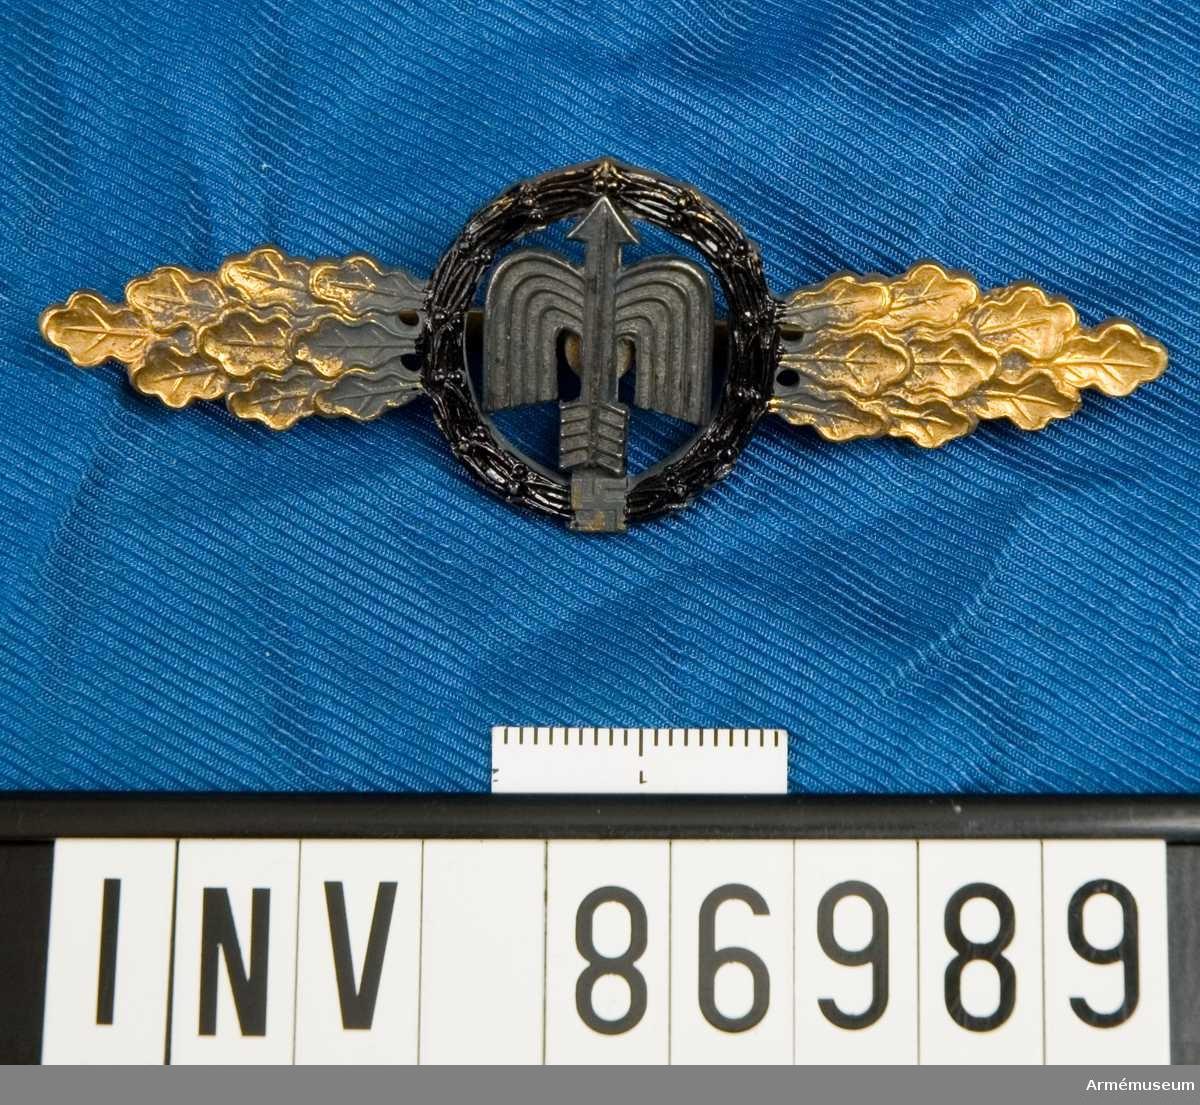 Utmärkelsespänne för tyska luftwaffe instiftat 1942.